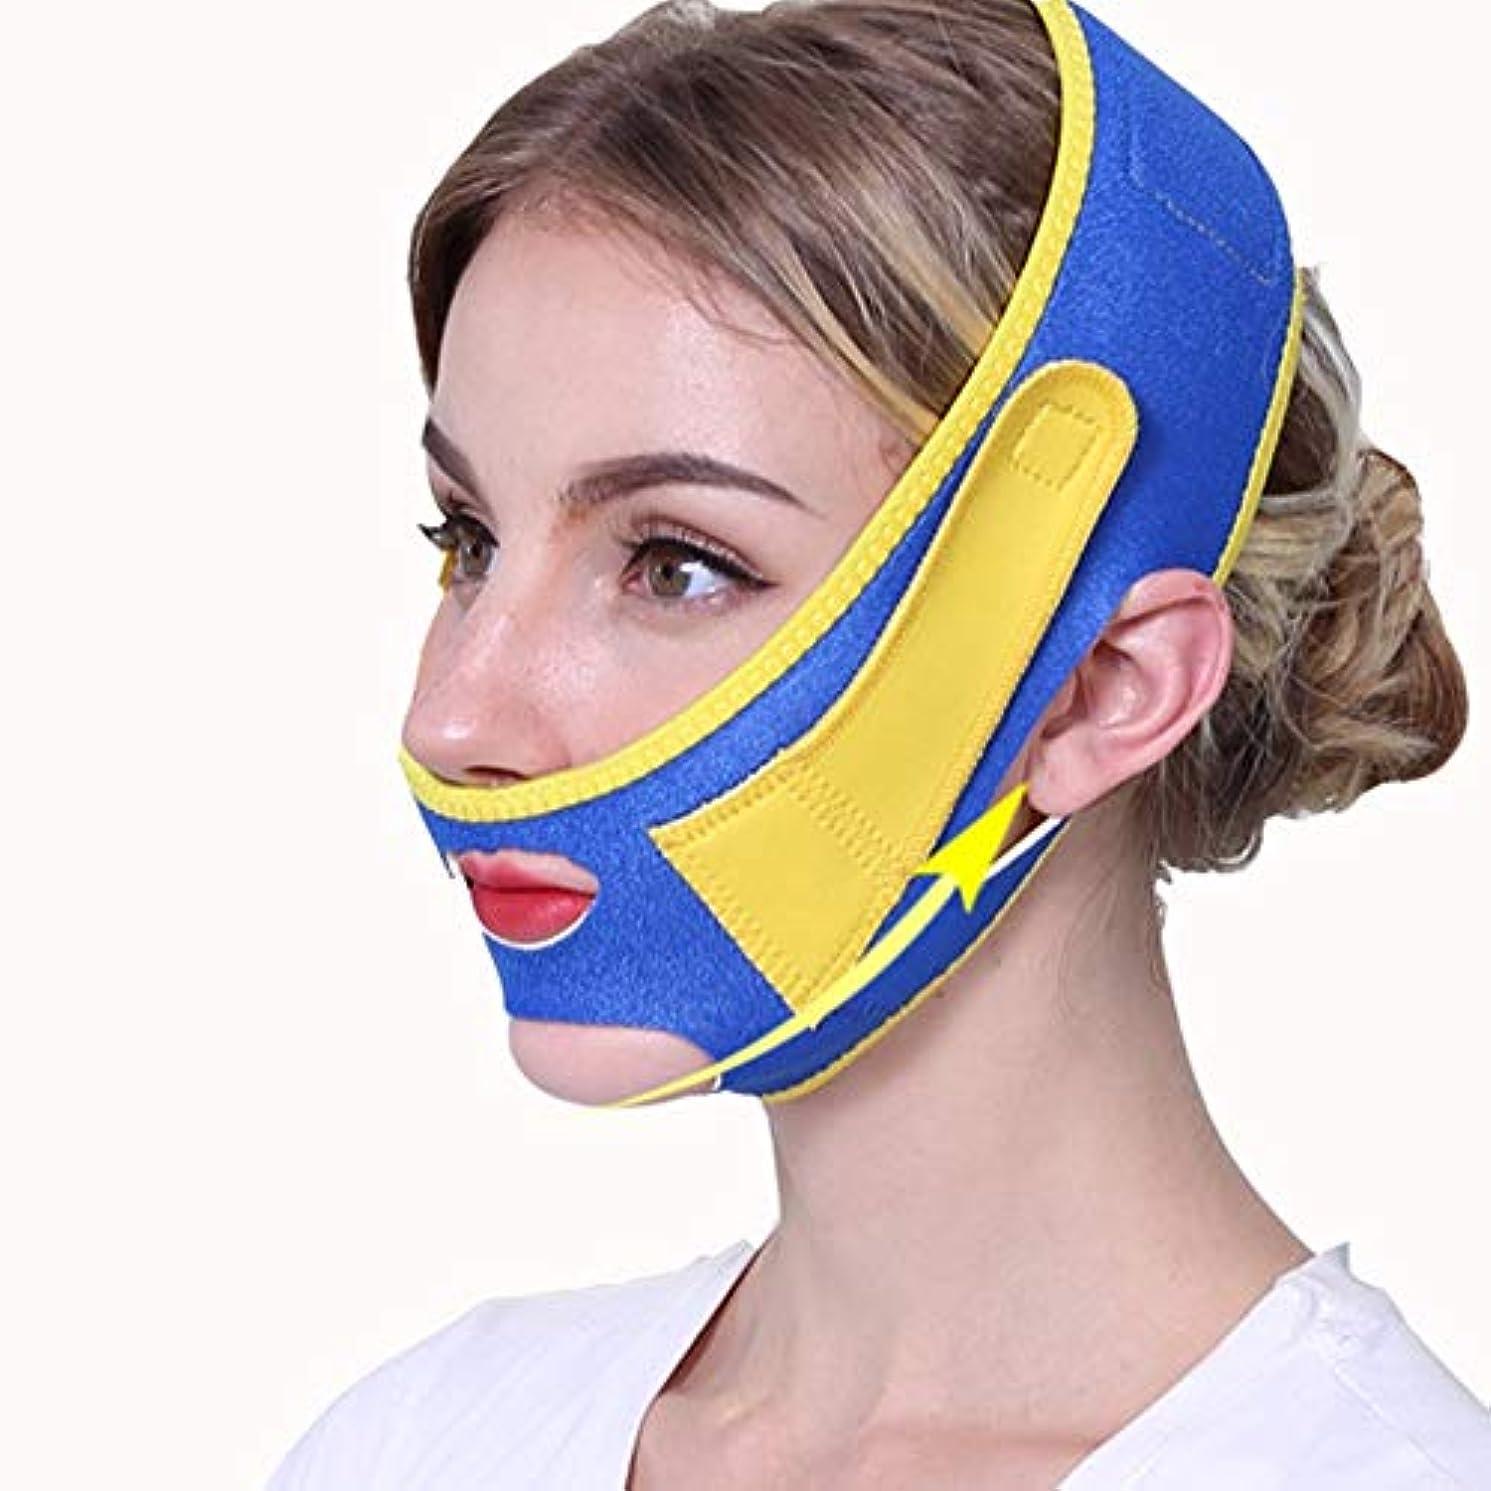 武器若い春フェイシャルリフティング痩身ベルトフェイス包帯マスク整形マスクフェイスベルトを引き締める薄型フェイス包帯整形マスクフェイスと首の顔を引き締めスリム